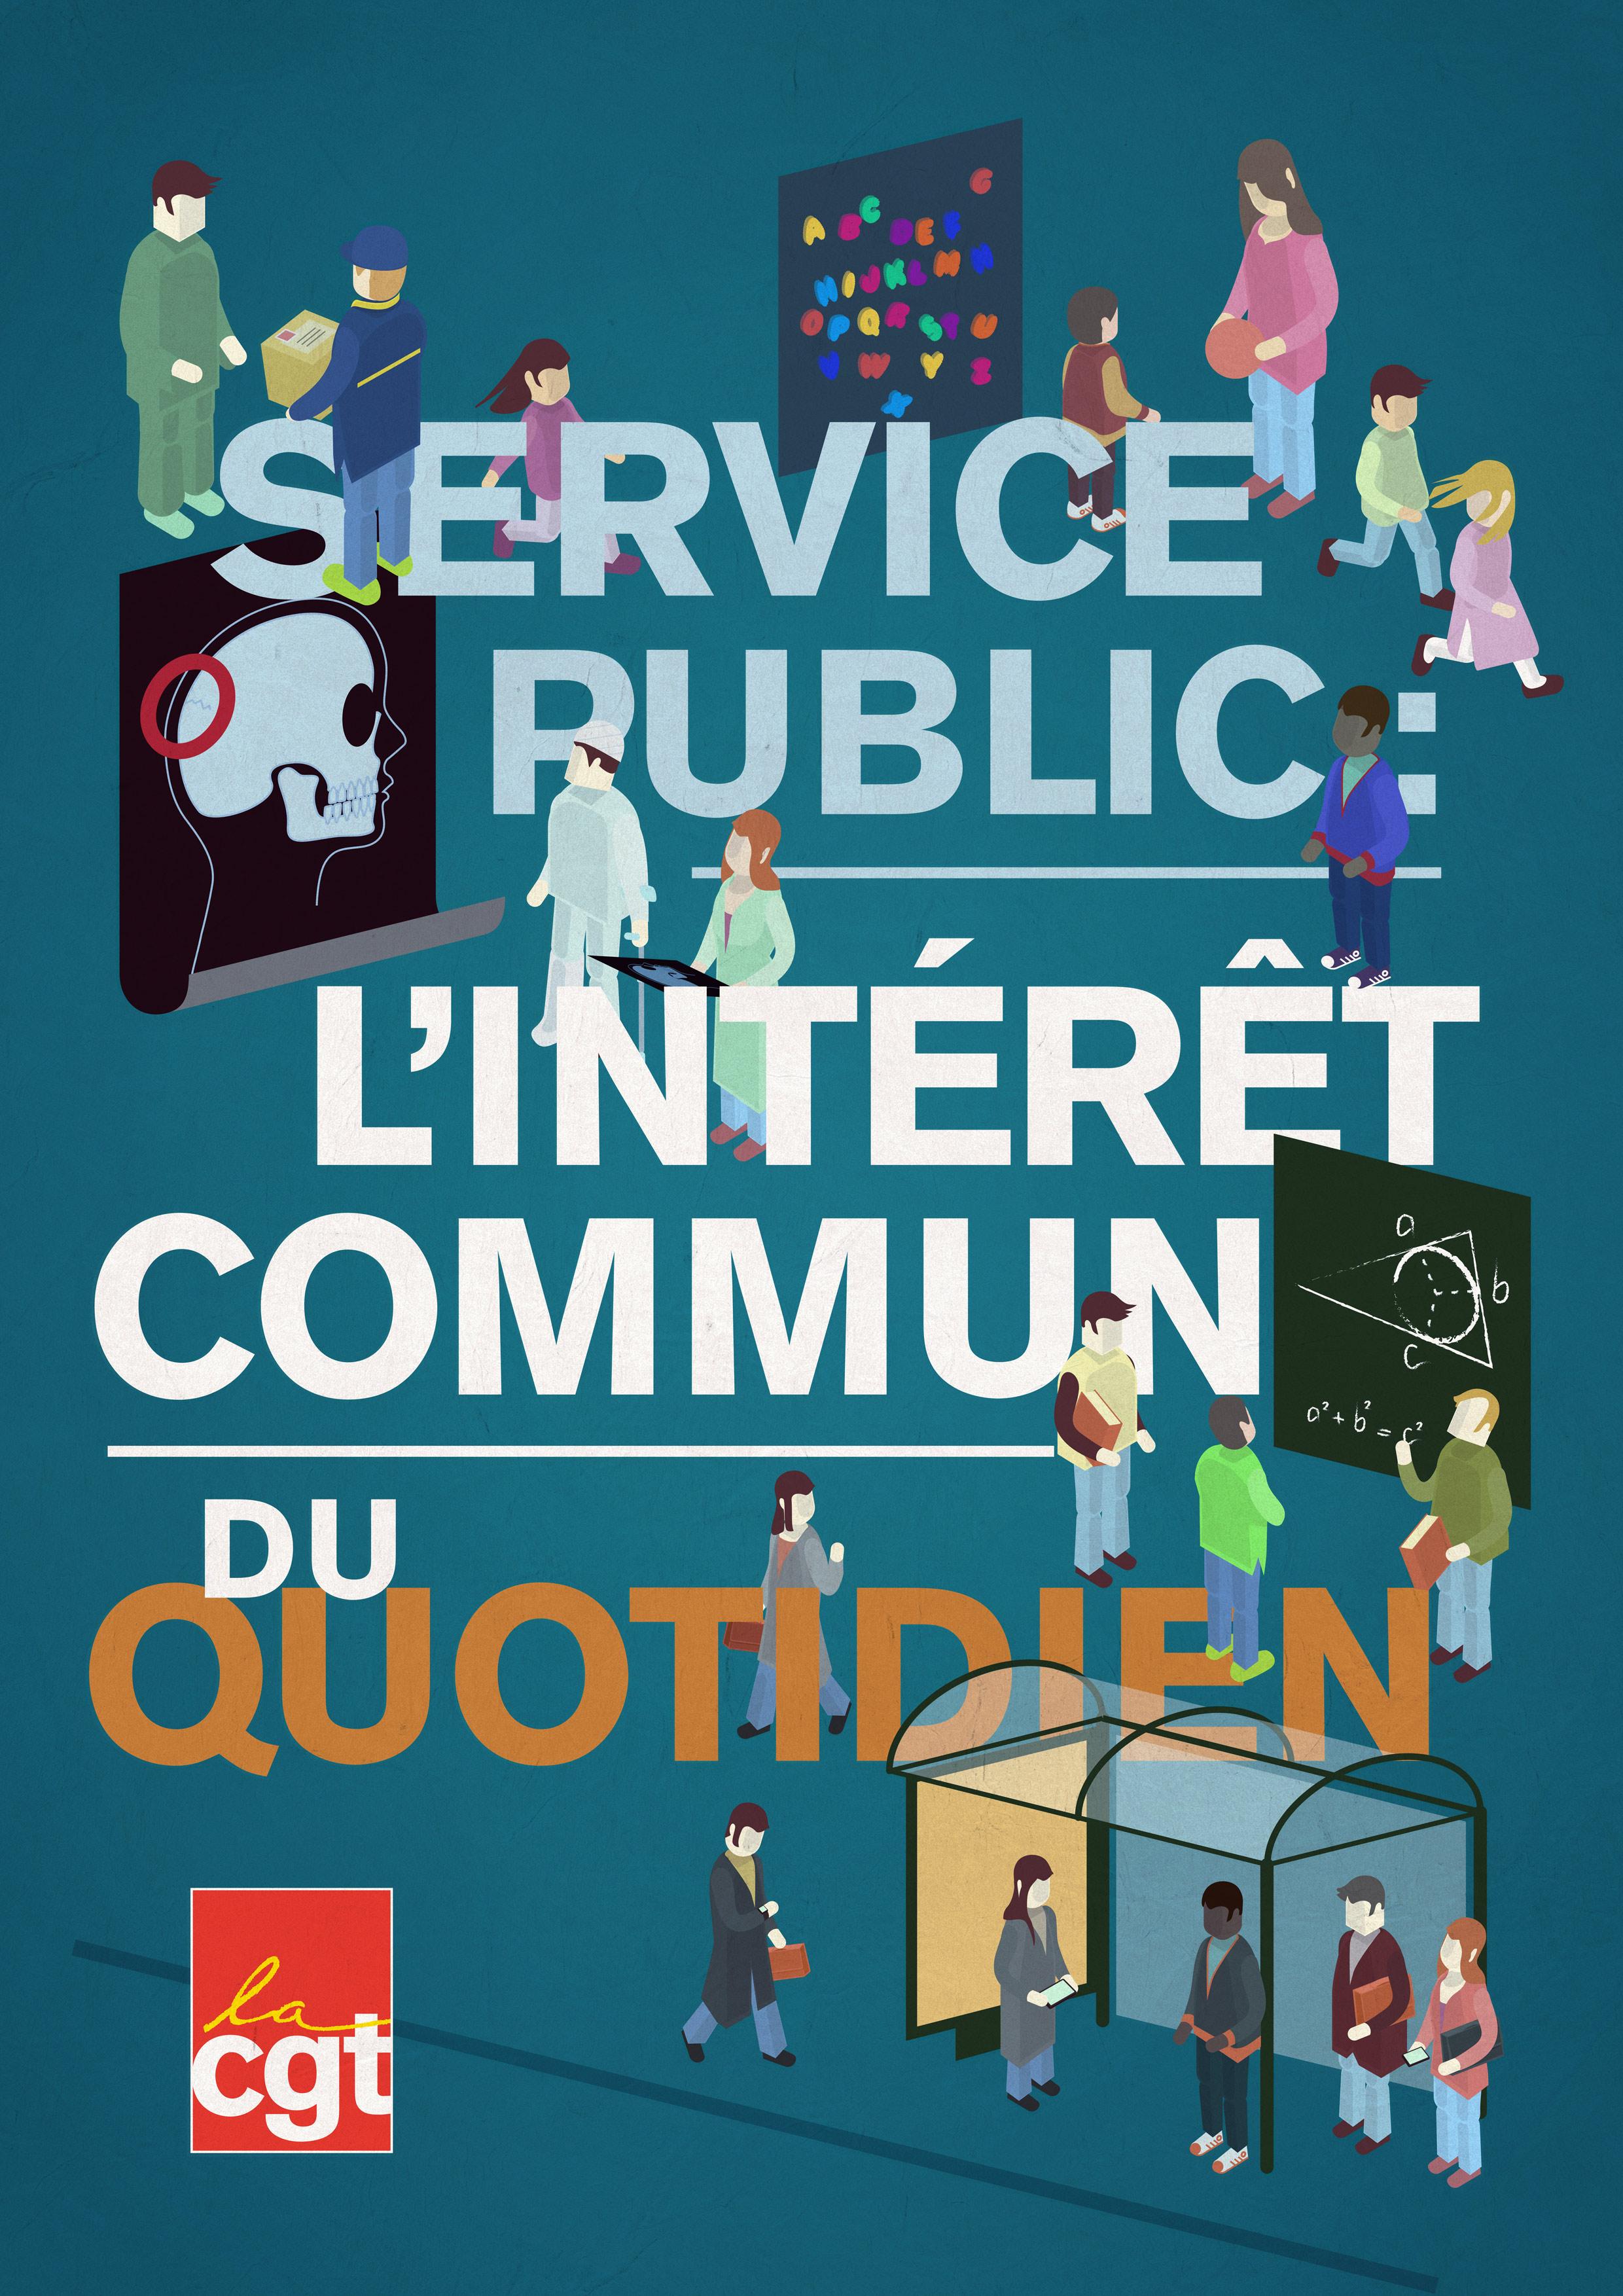 affiche service public